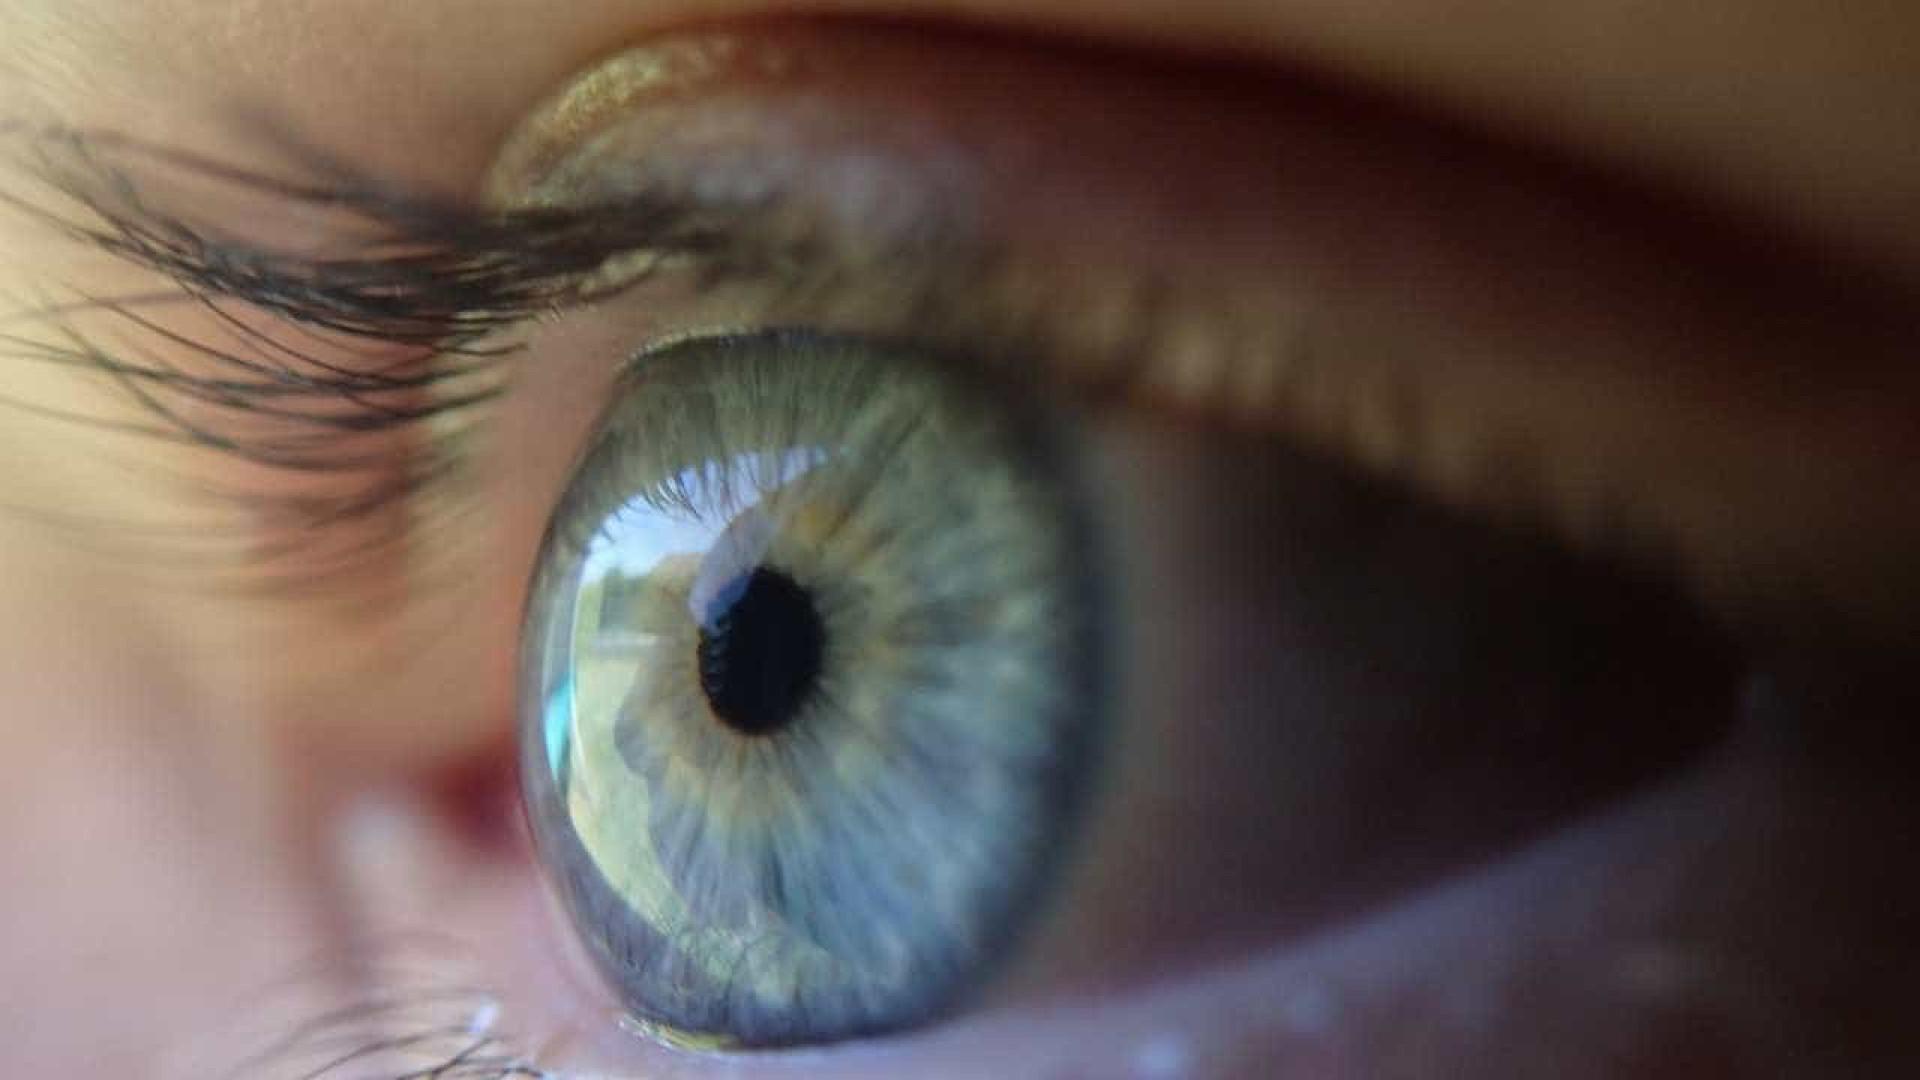 A cura da cegueira está próxima, afirmam cientistas russos